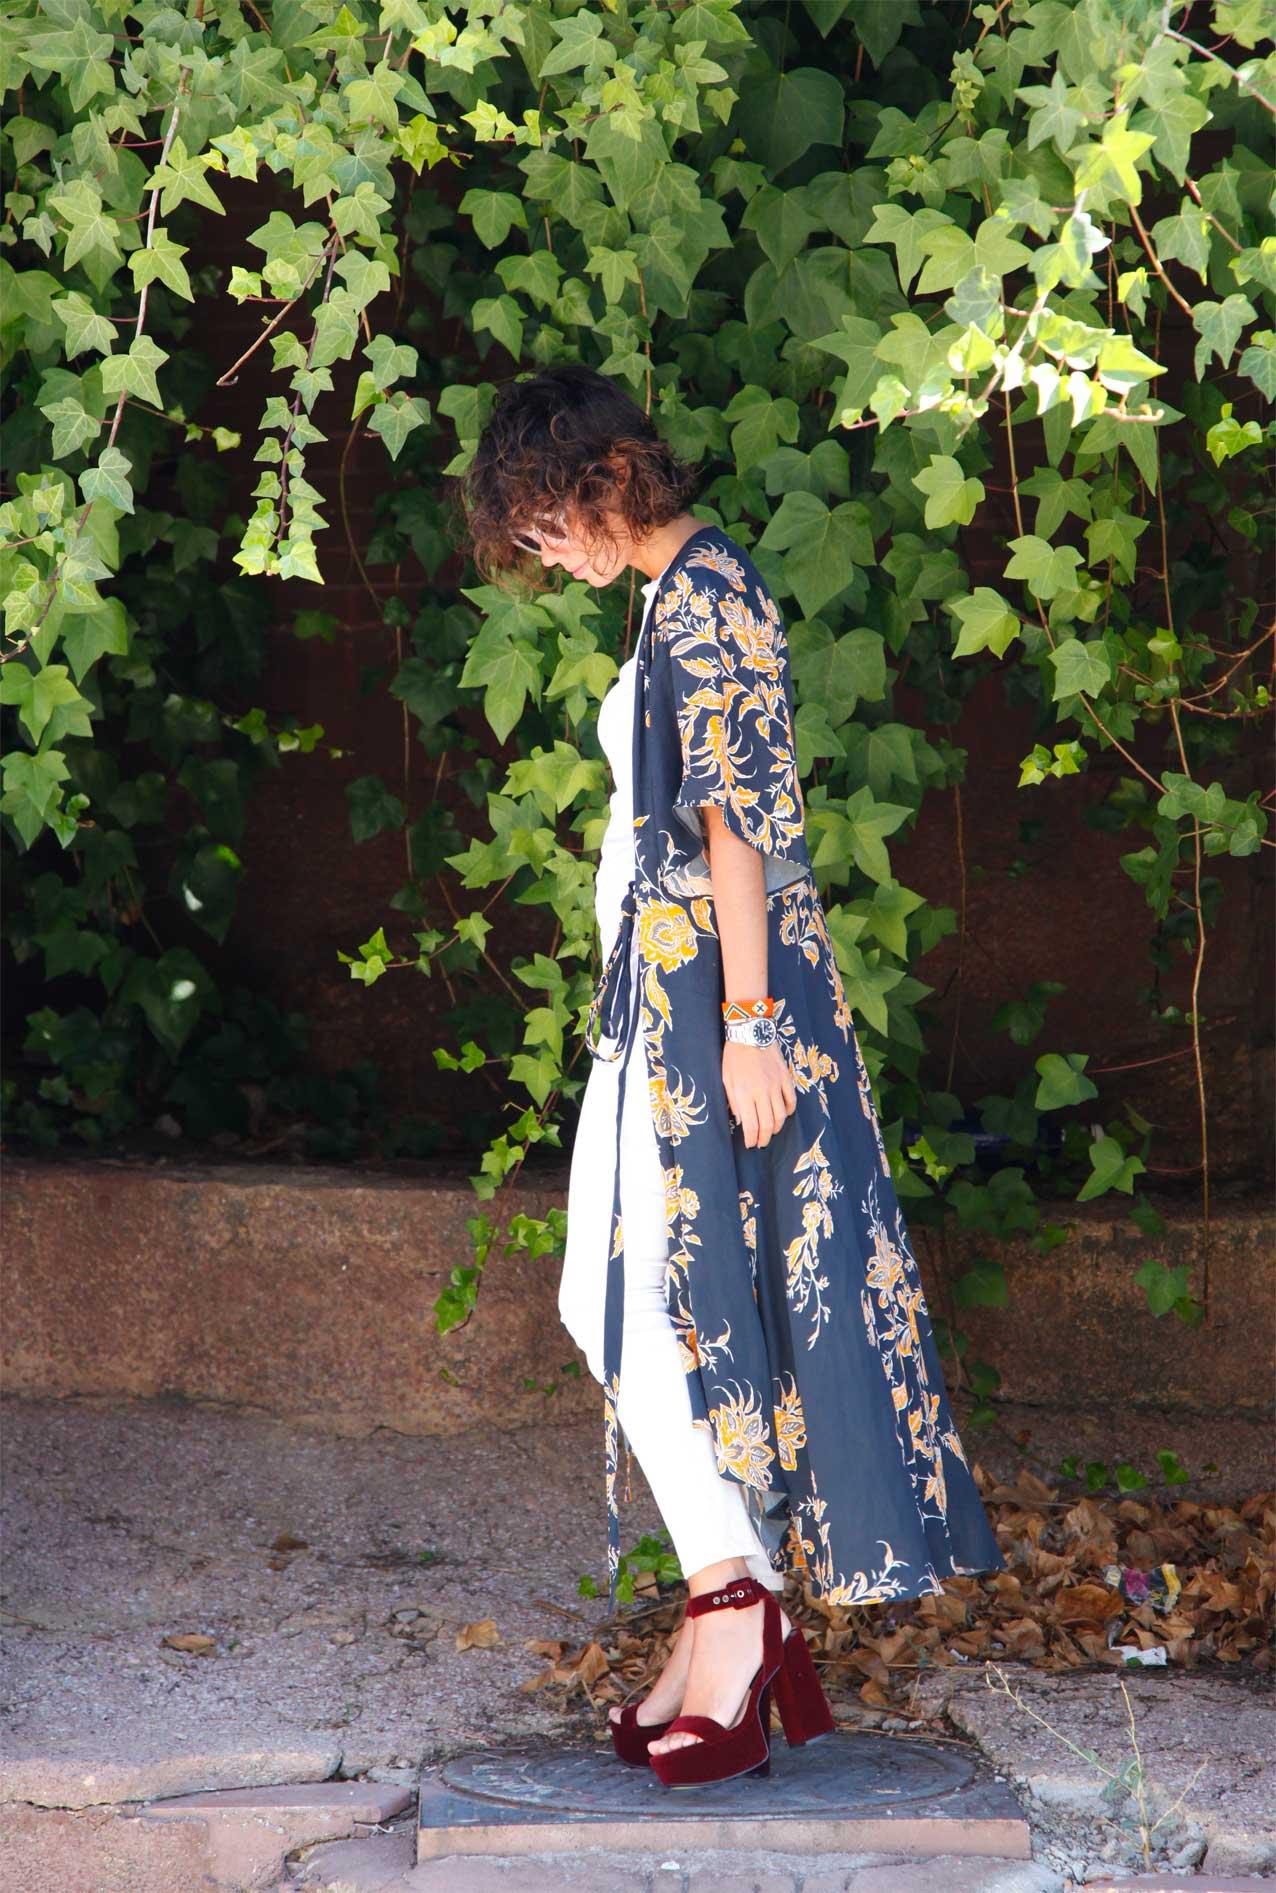 kimono_dress-white_jeans-mbfwm2016-streetstyle-cool_lemonade5